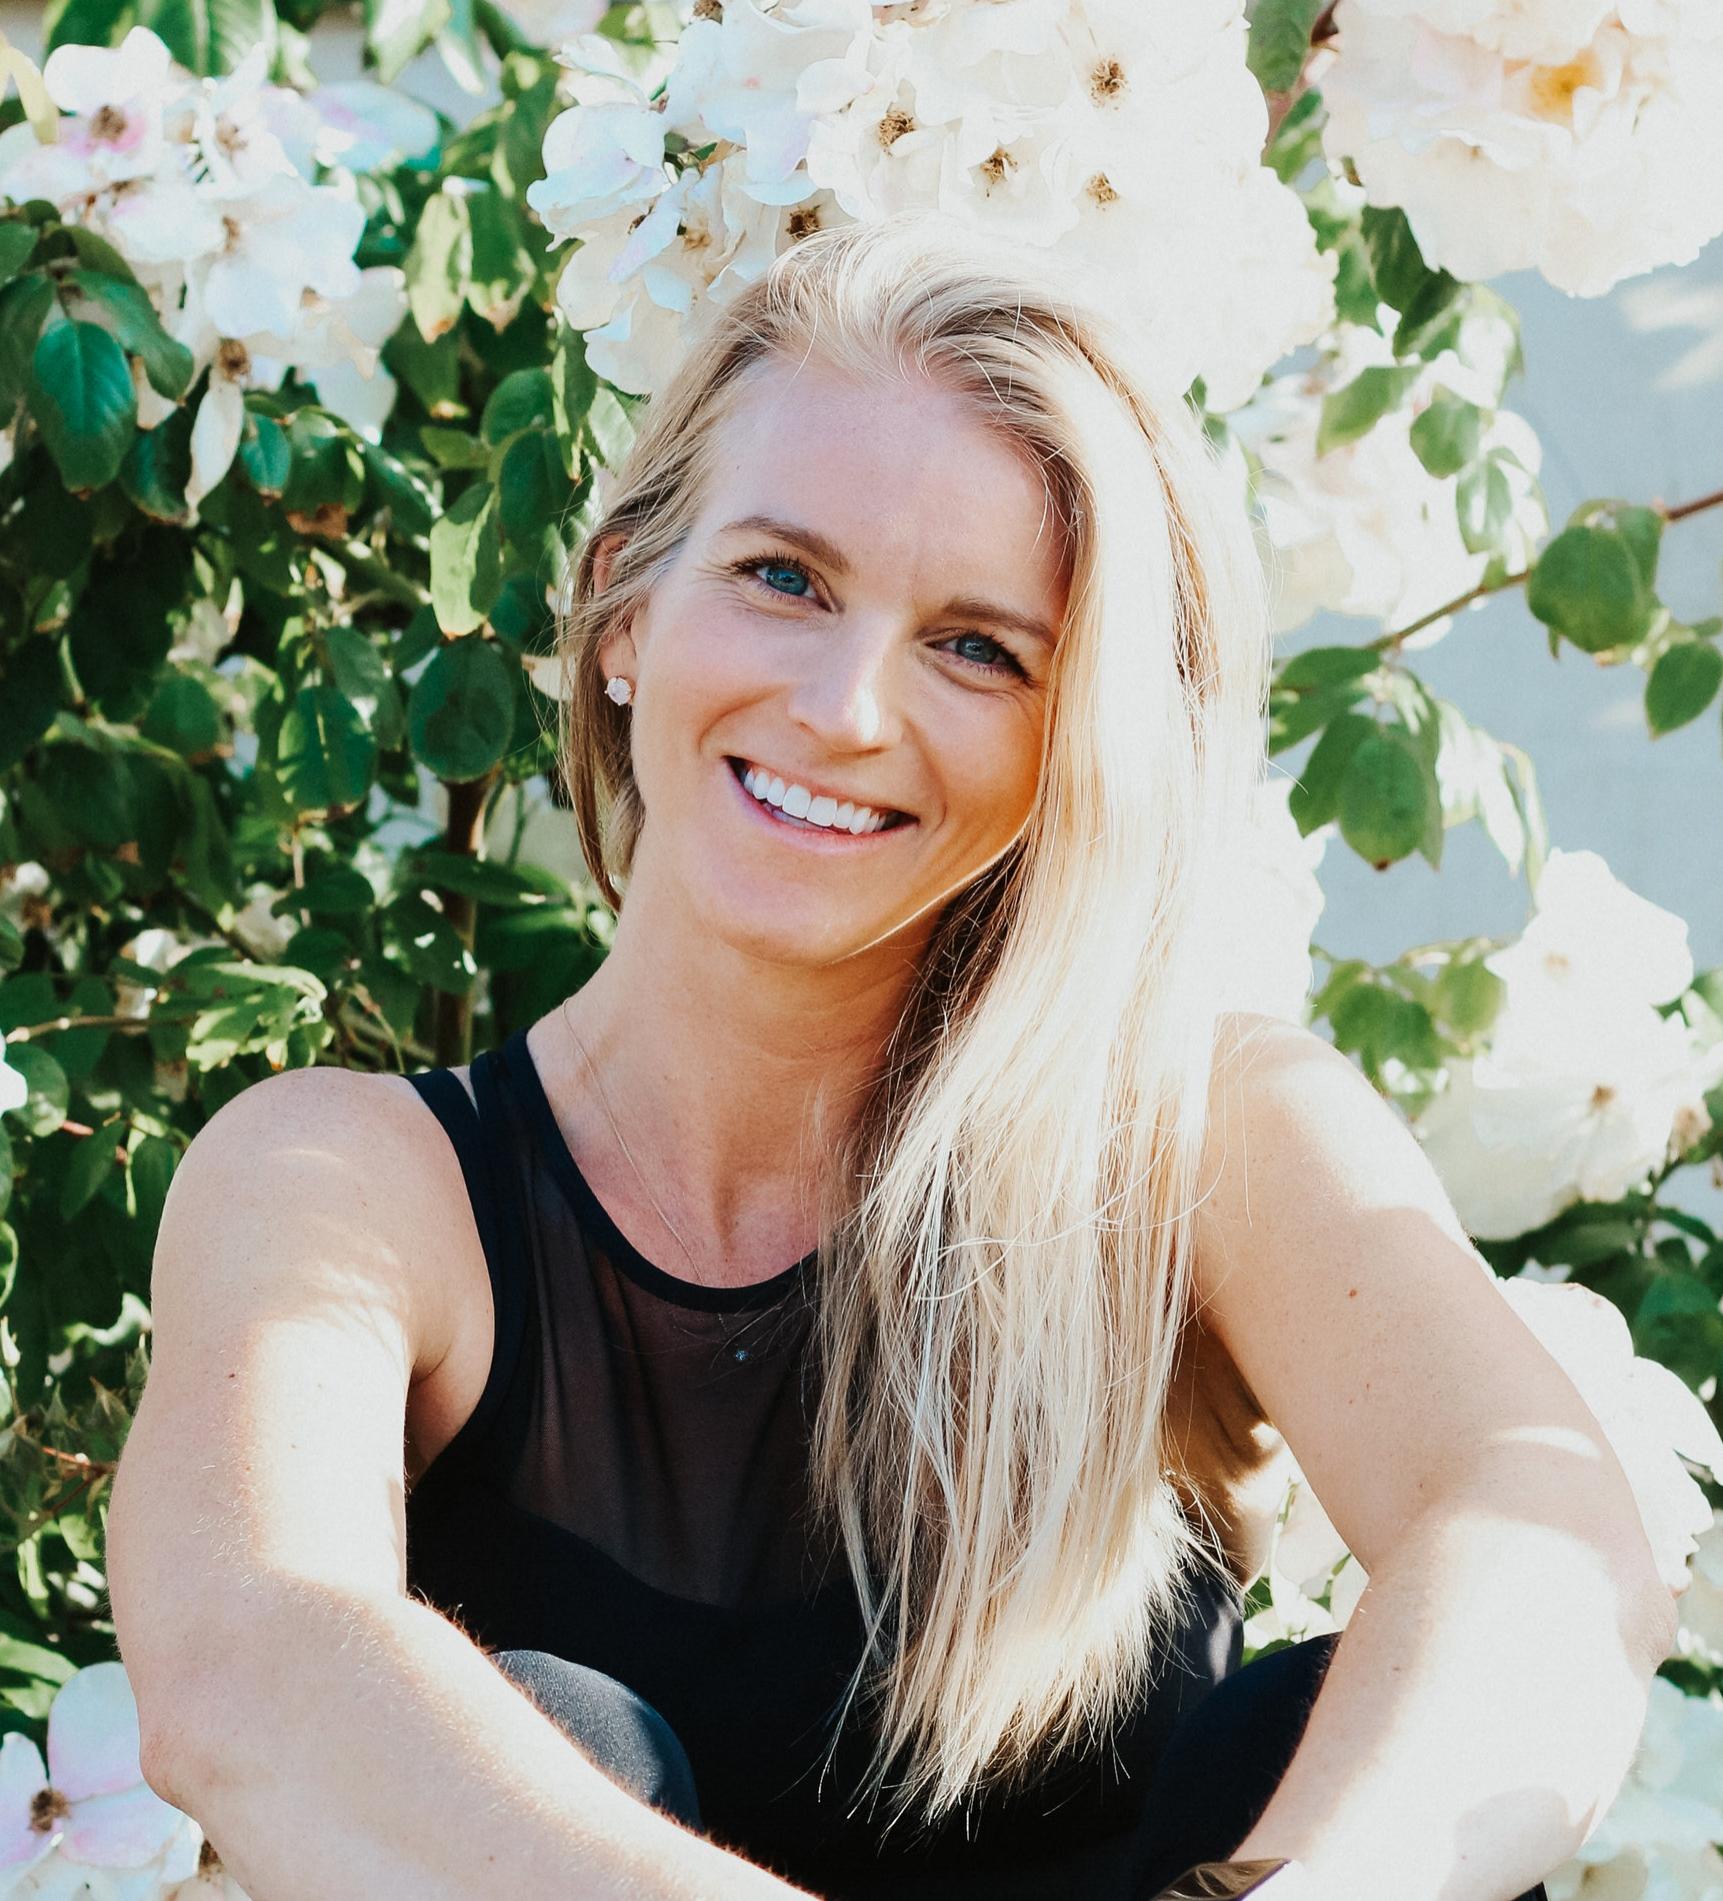 Kate-Turner-Headshot.jpg